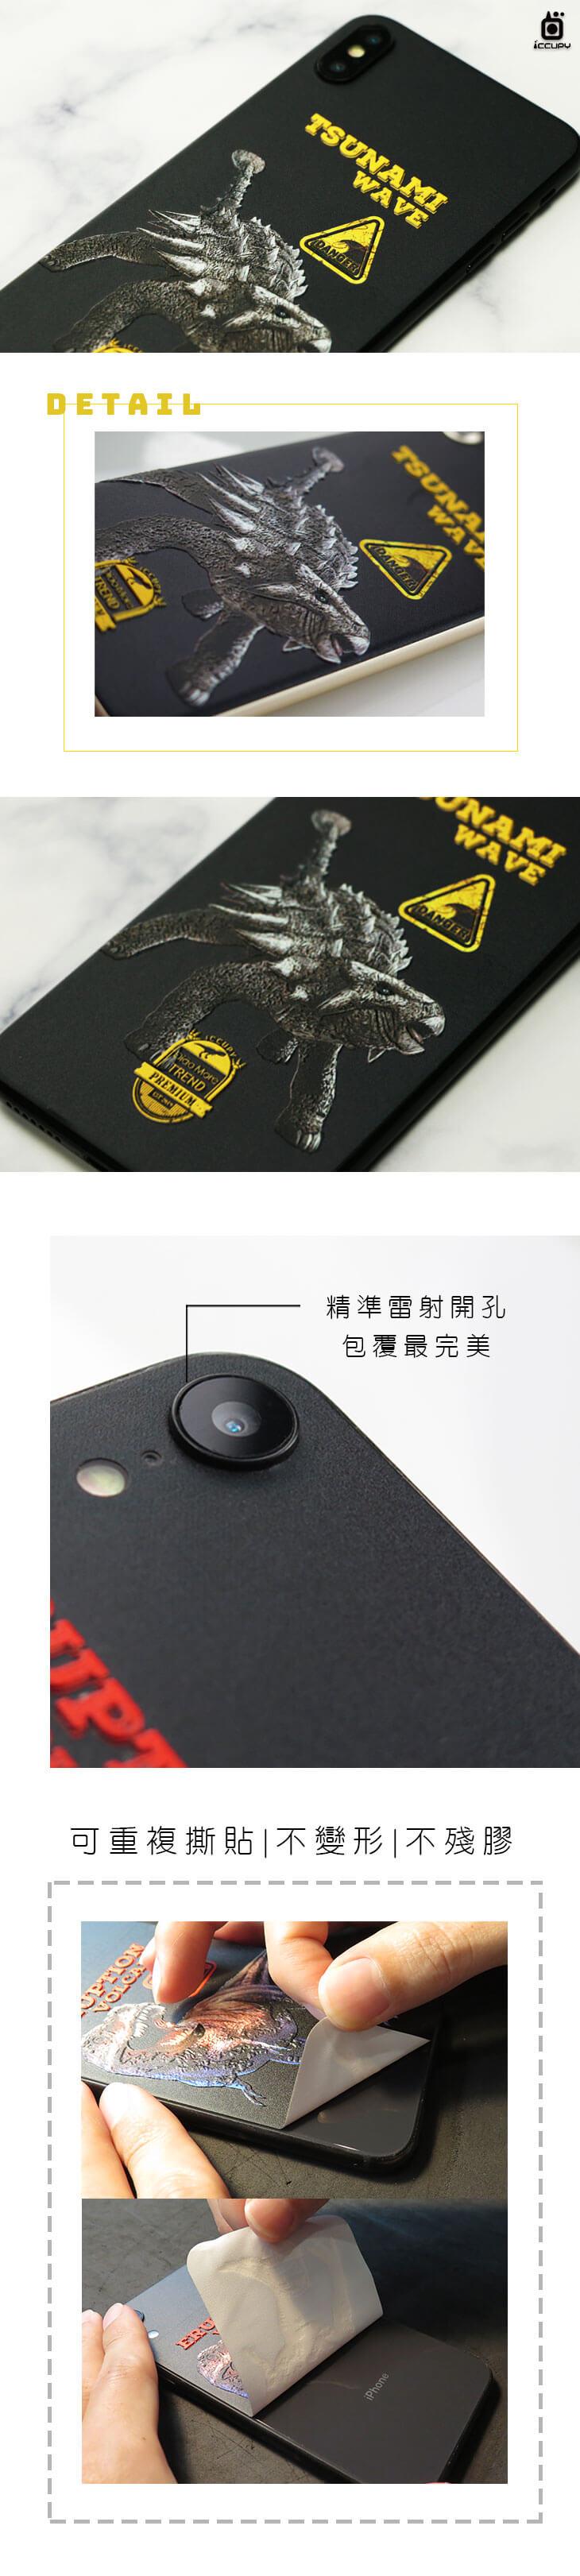 手機包膜-刁膜DiaoMore-VR擬真浮雕背貼-恐龍末日 海嘯甲龍TSUNAMI